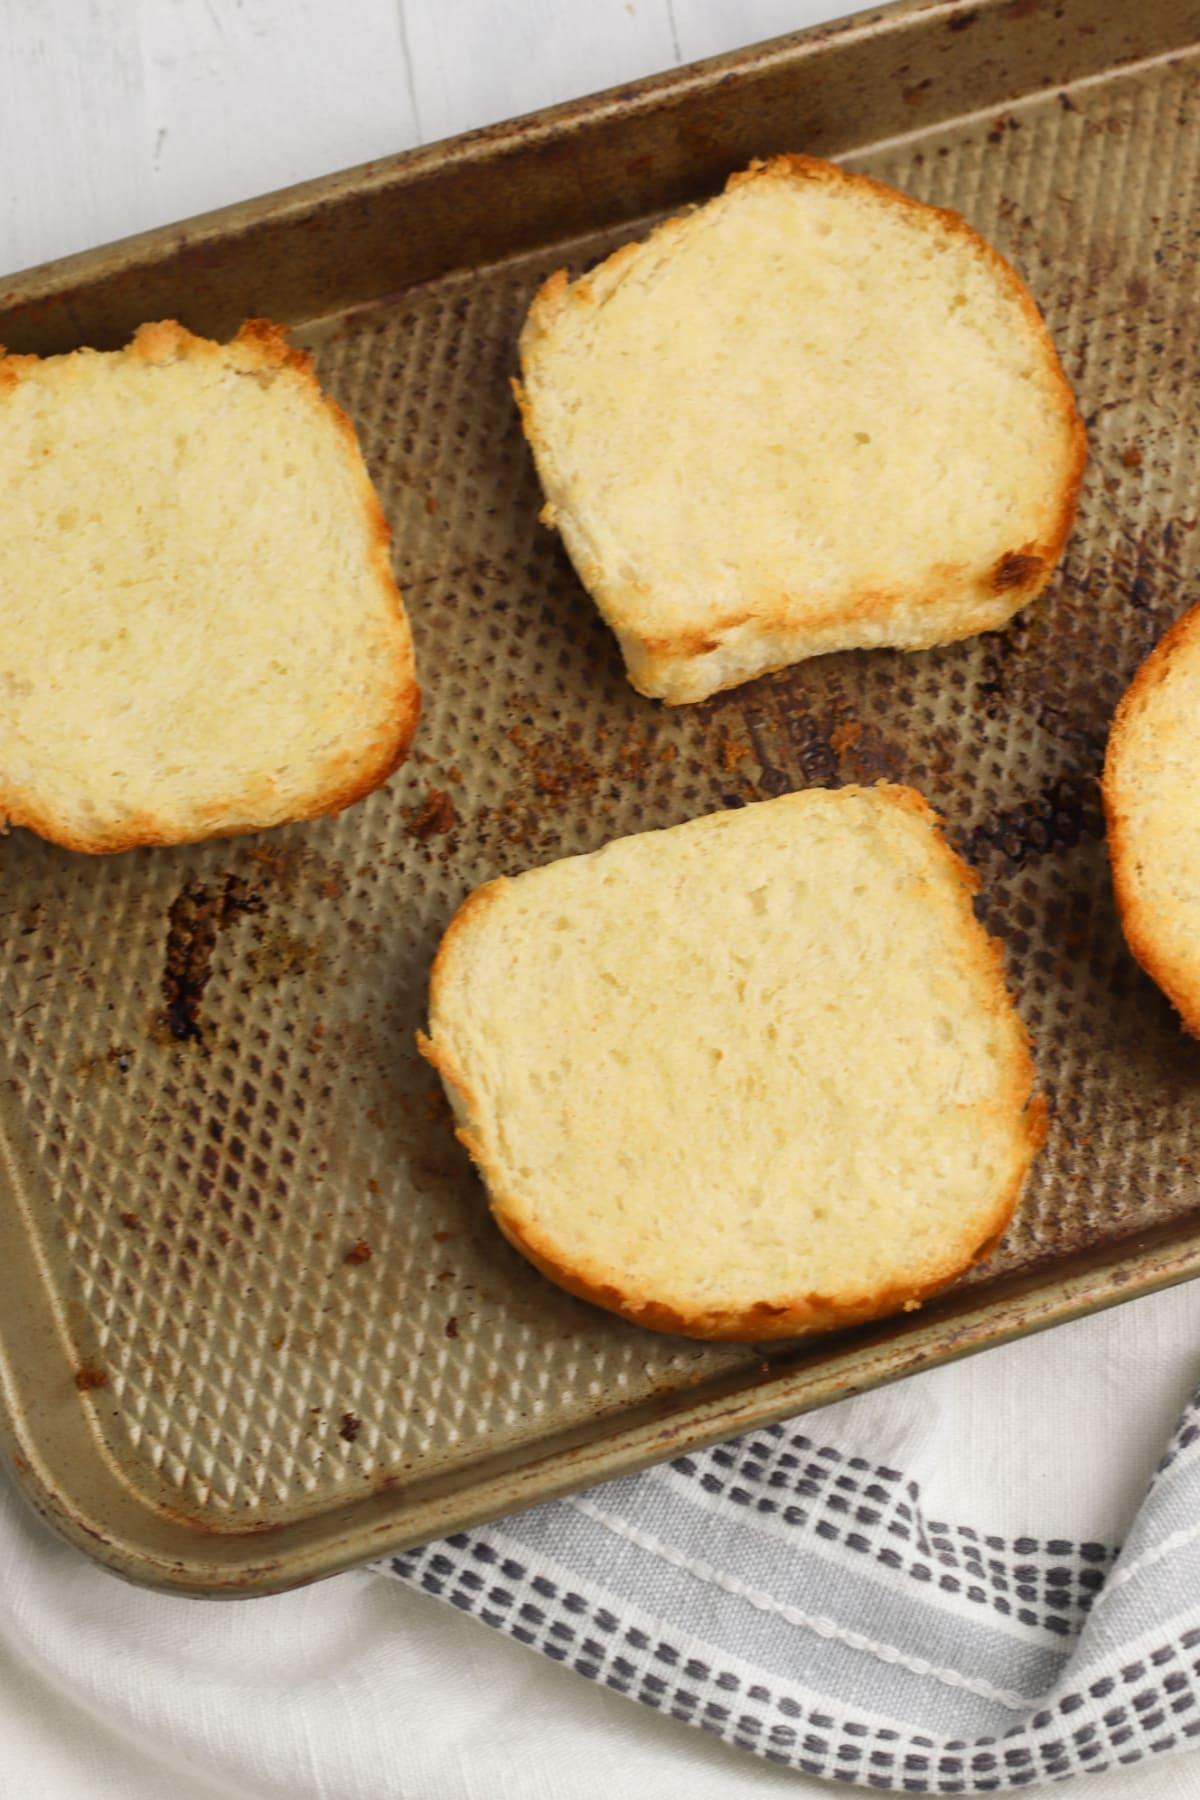 Sandwich rolls on baking sheet